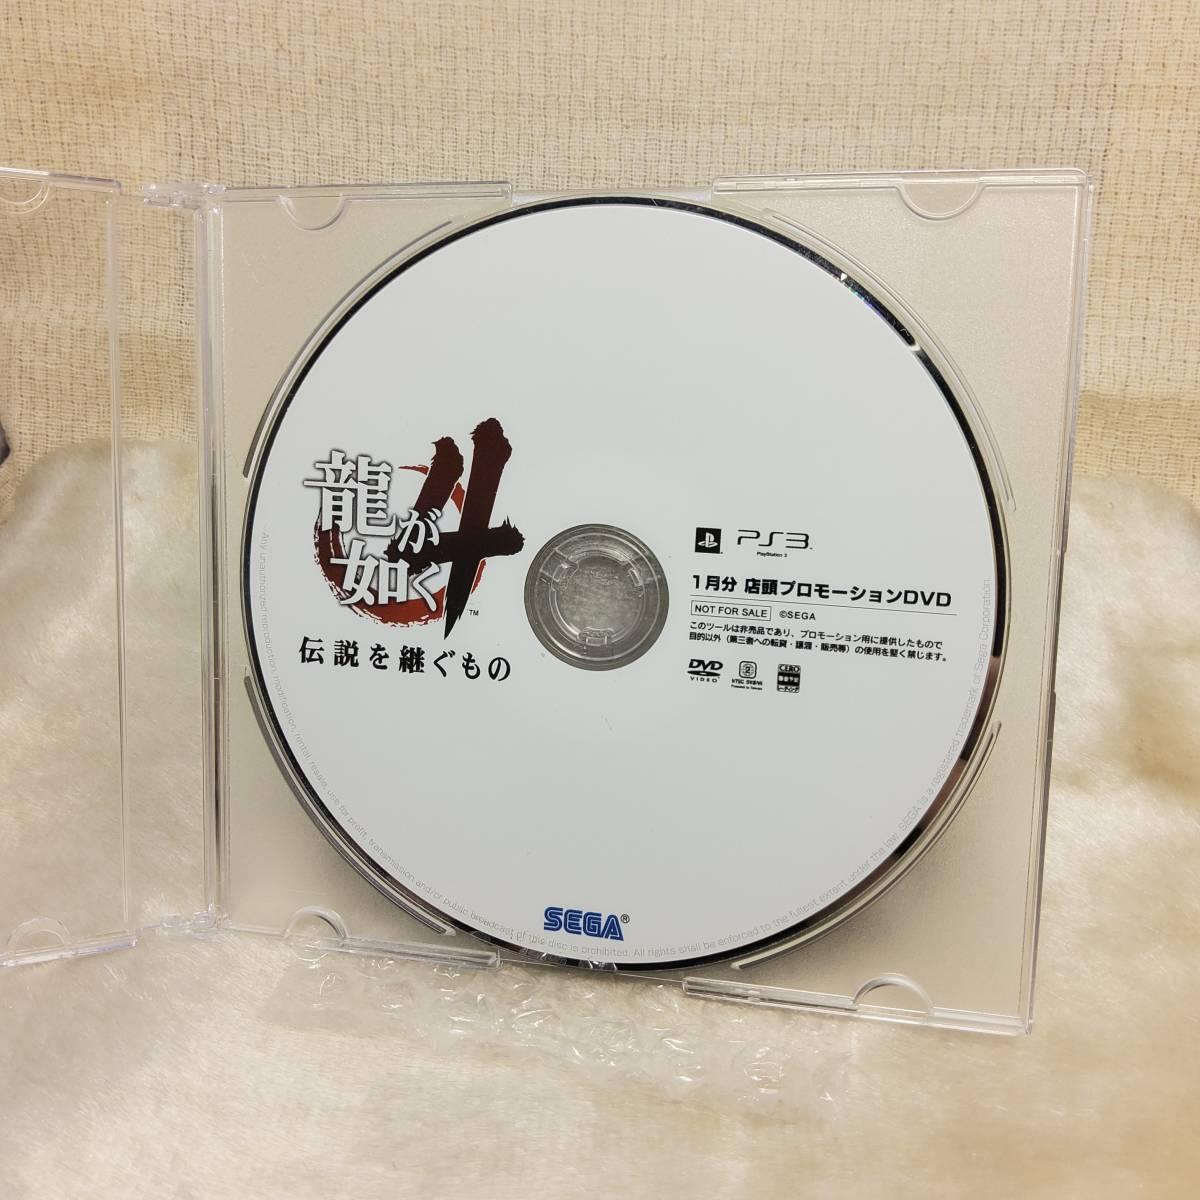 ☆コレクション品 レア 現品のみ / PS3 龍が如く4 ①店頭用PV プロモDVD 非売品_画像1